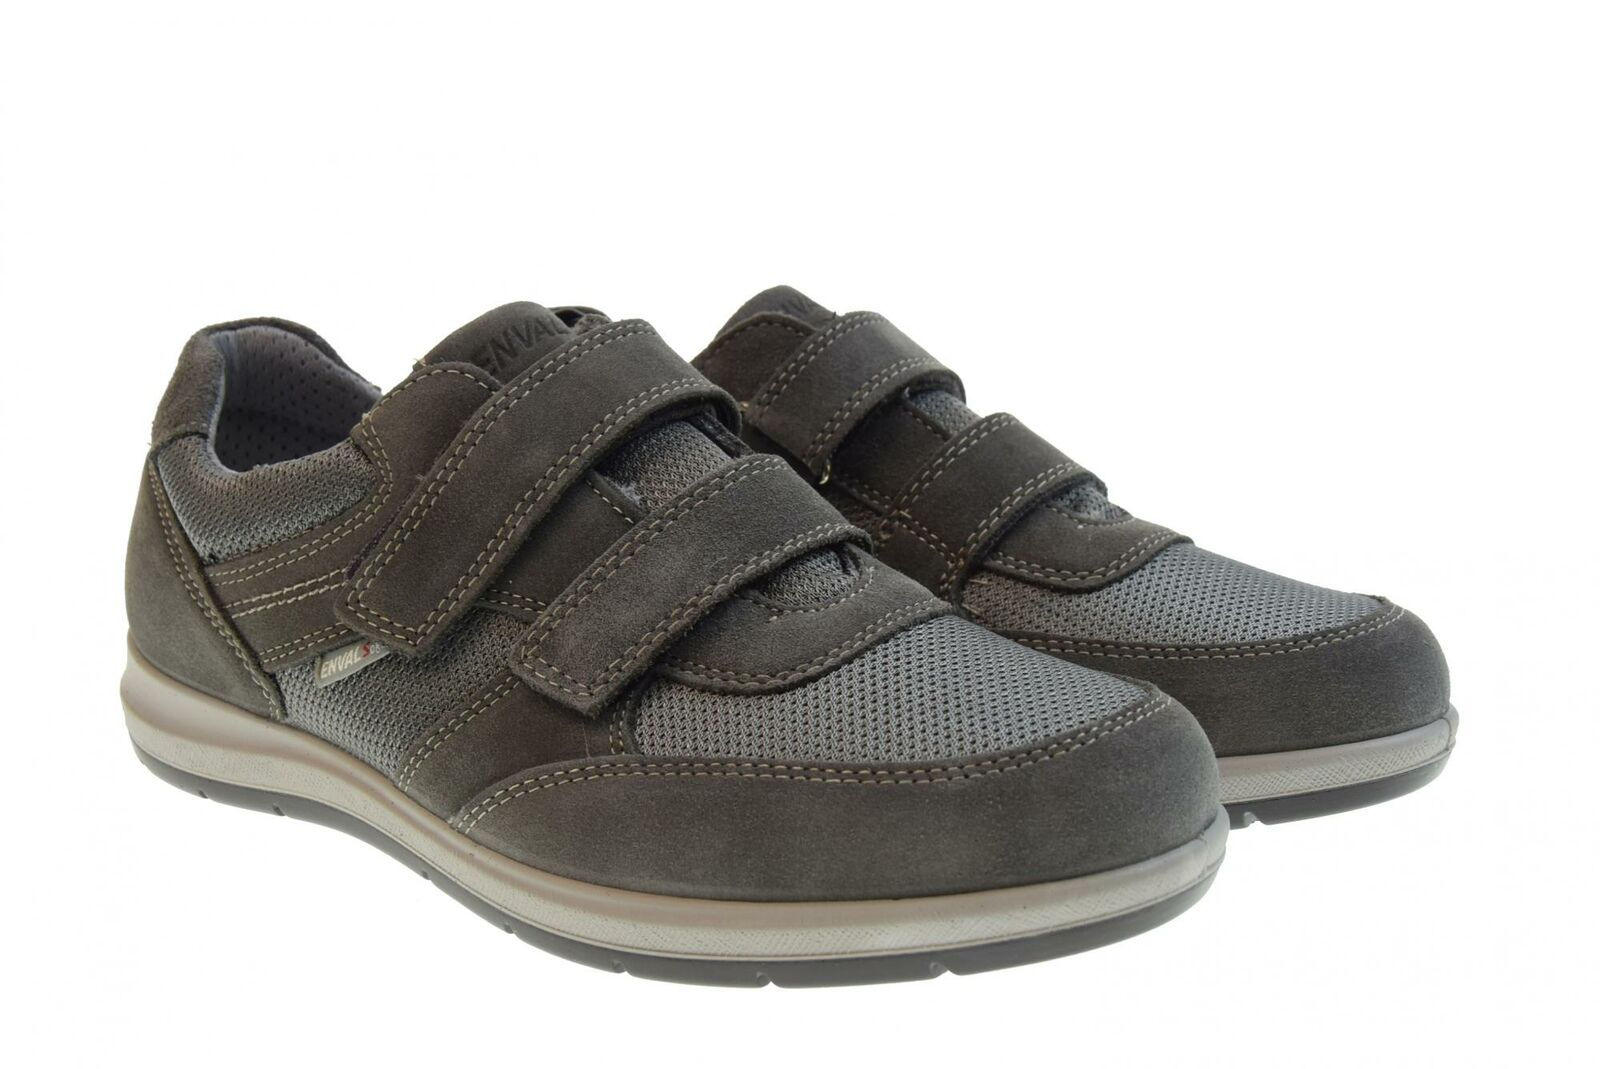 Enval Soft p19g zapatos hombres bajos zapatillas 3232722 gris